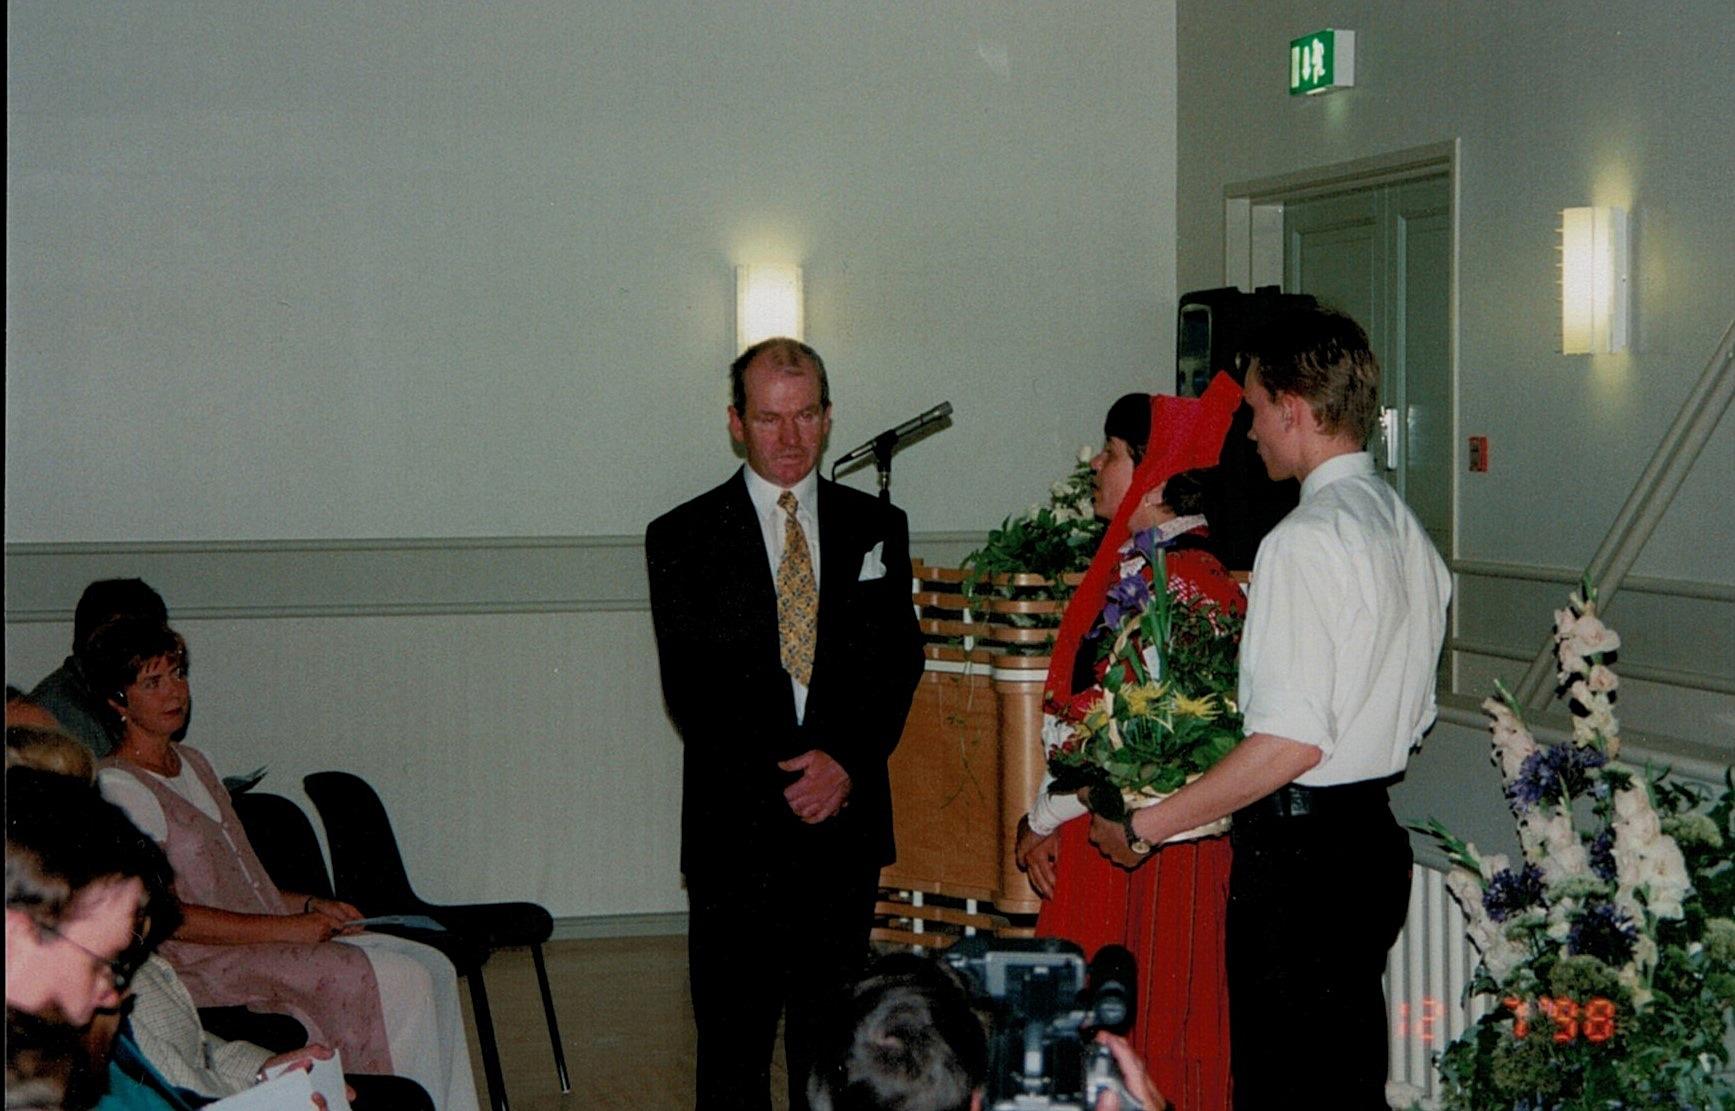 Kurt Backlund som under byggnadstiden fungerat som byggnadskommitténs ordförande blir uppvaktad med blommor på invigningsfesten av Åsa Ekman och Niklas Rosengren.